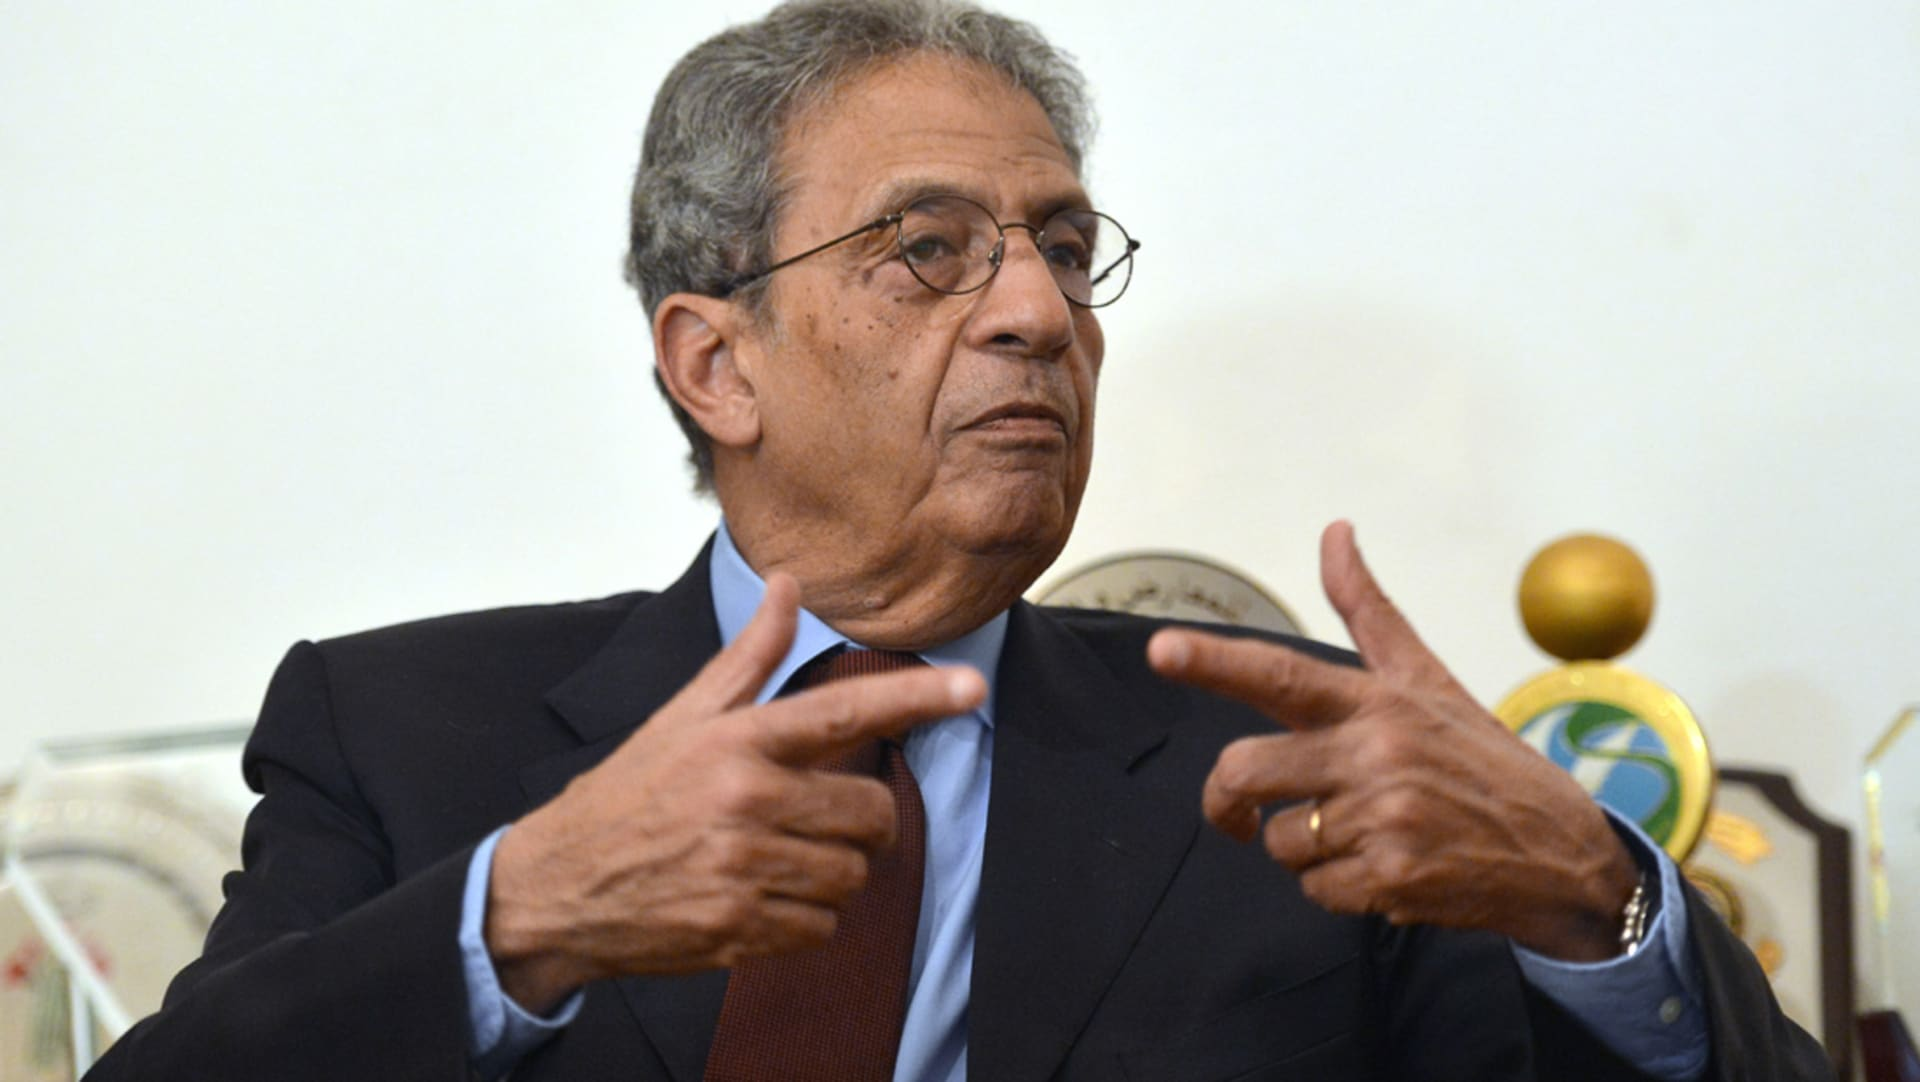 """عمرو موسى """"يتمنى"""" إحالة السيسي الاتفاق مع السعودية حول الجزر للبرلمان: بعضهم اعتقد أن القضية ستتوه بين الأحداث"""